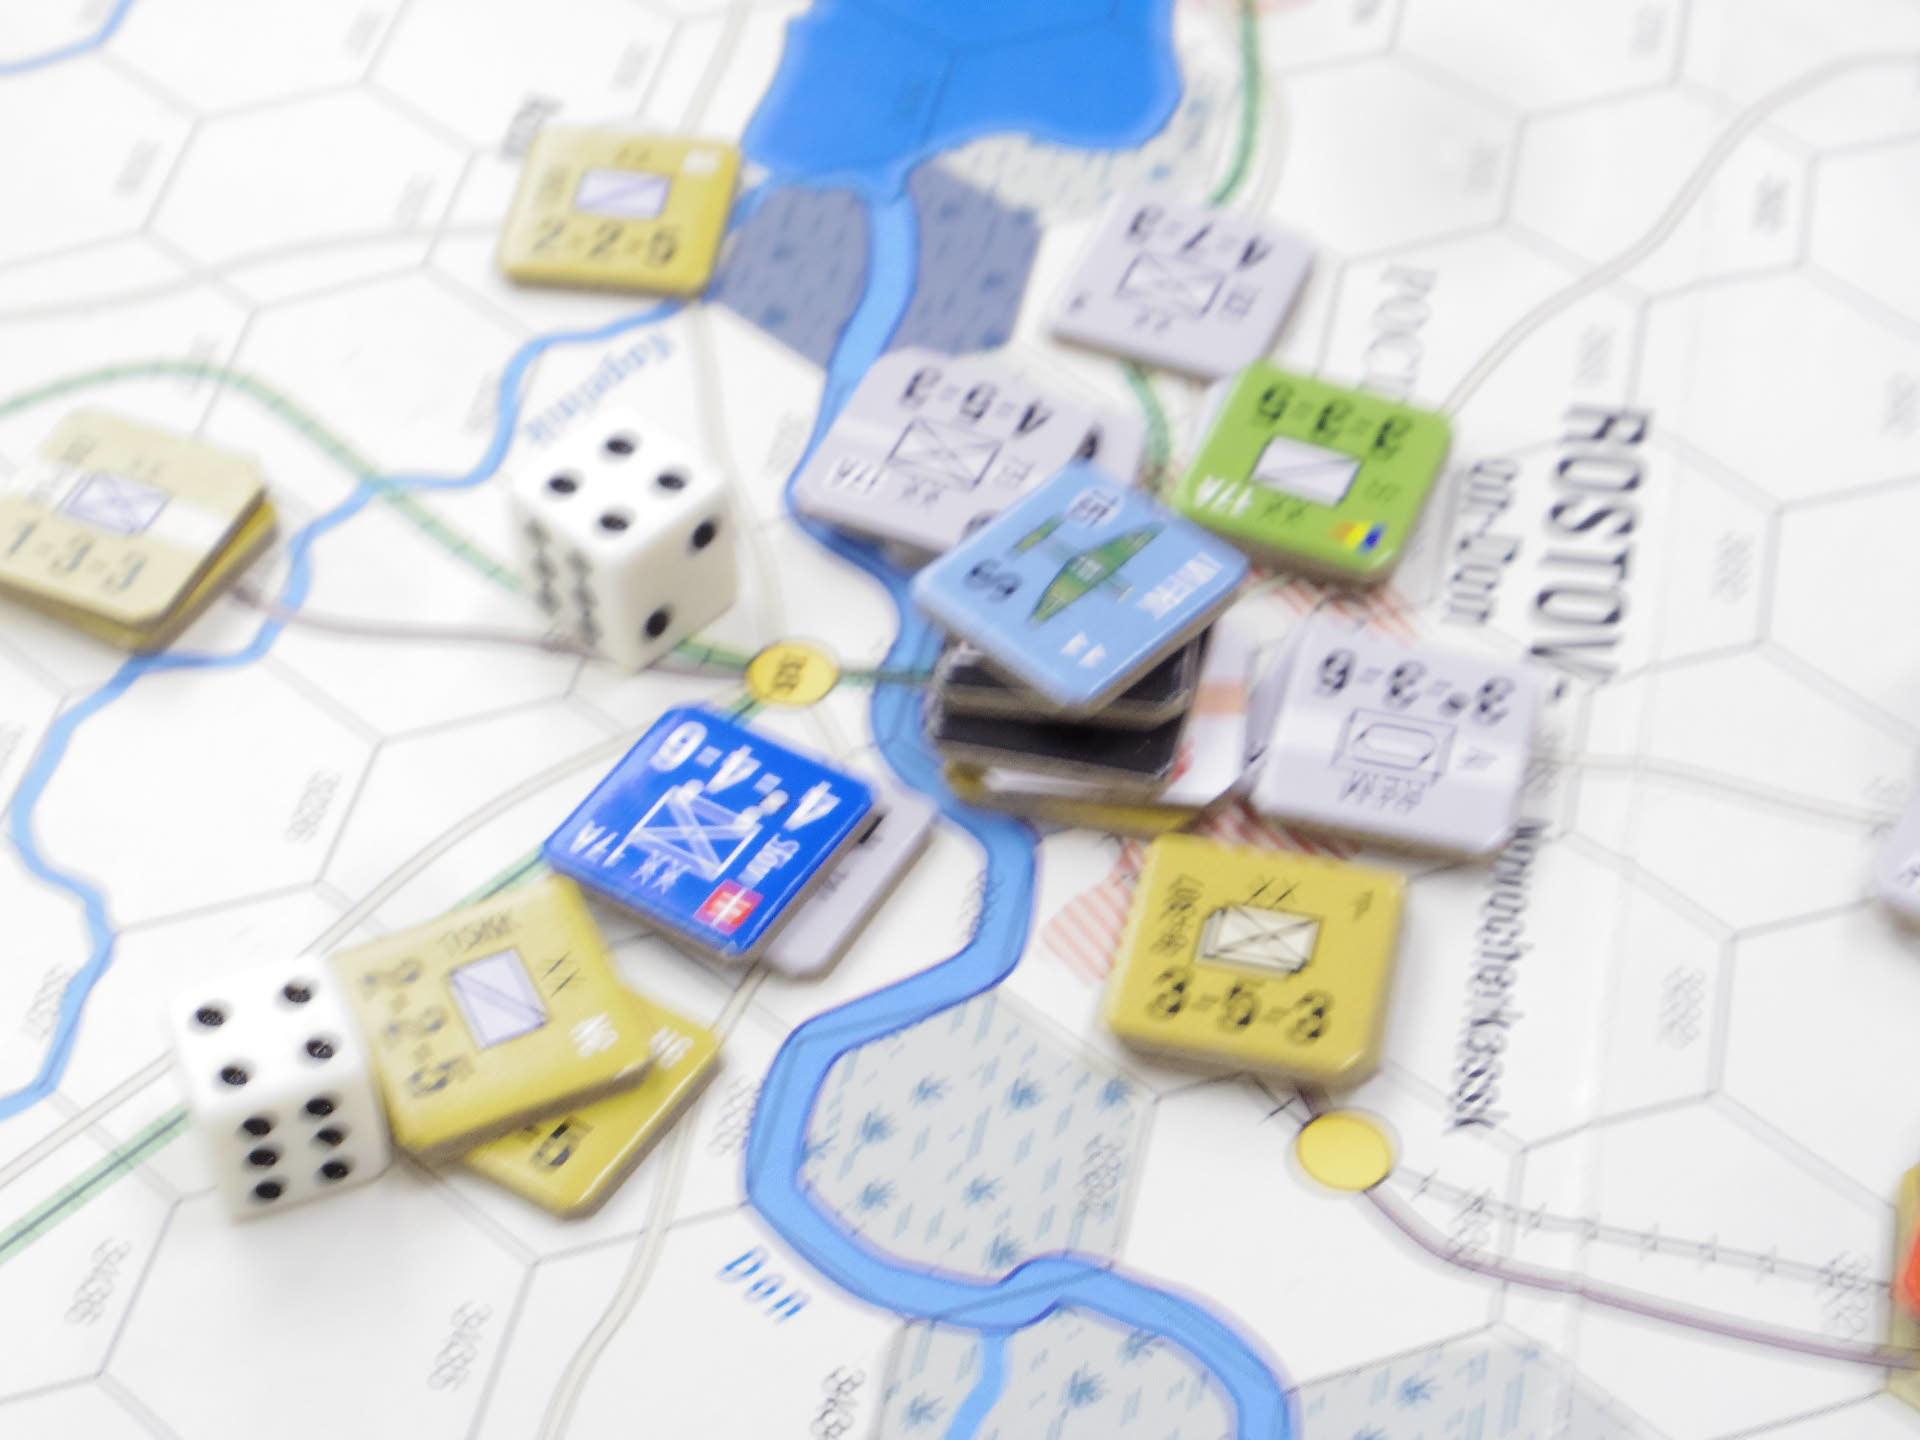 2020.01.11(土)YSGA新春初例会⑵初日...(GMT)Stalingrad\'42キャンペーン第1班の➊_b0173672_19340390.jpg